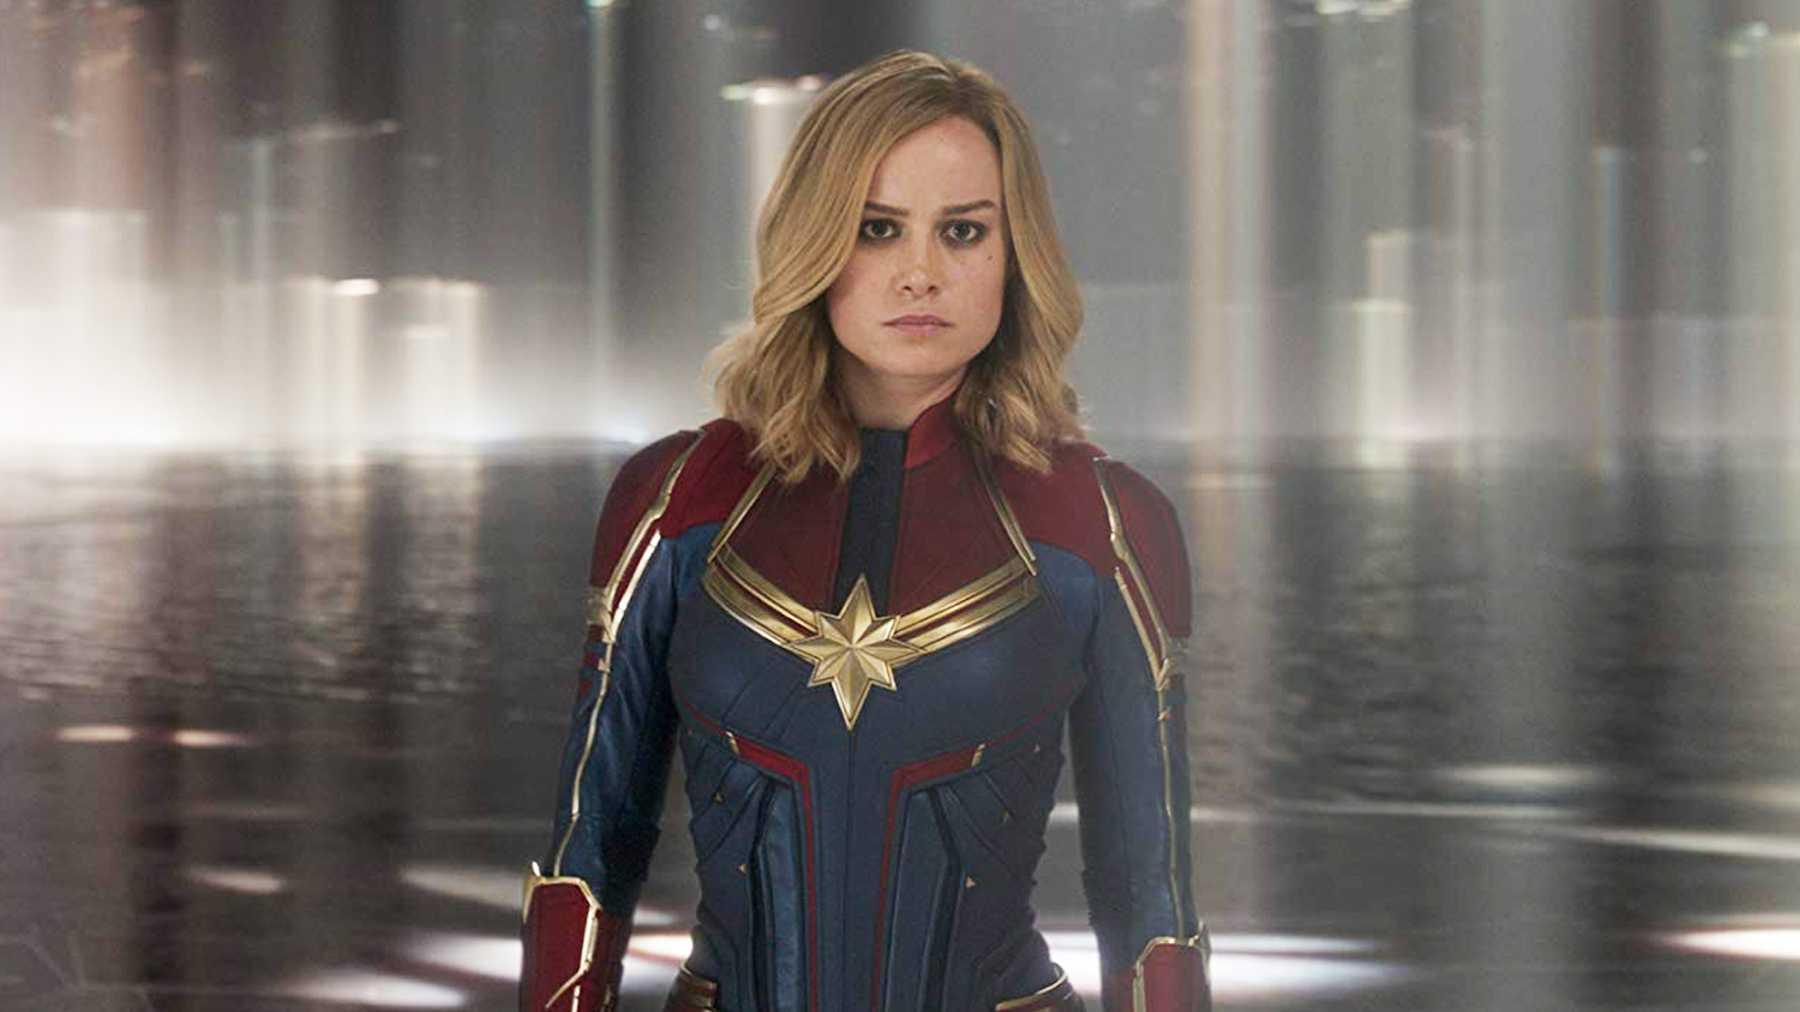 Un Avengers au féminin va finir par arriver d'après une actrice du MCU